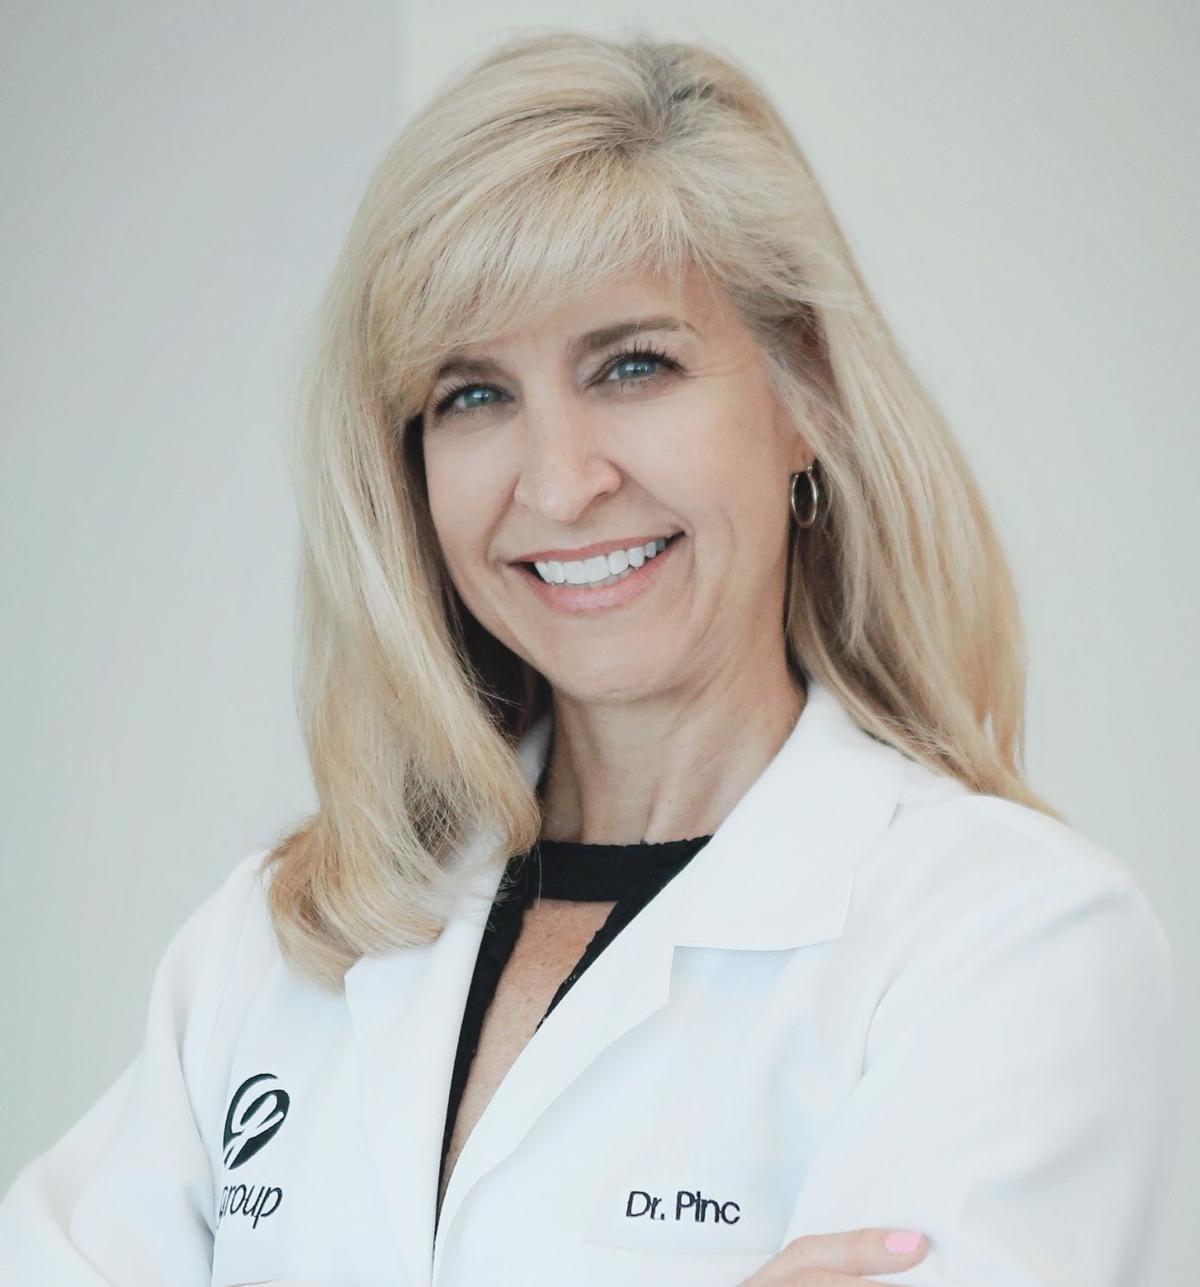 Dr. Anita Pinc